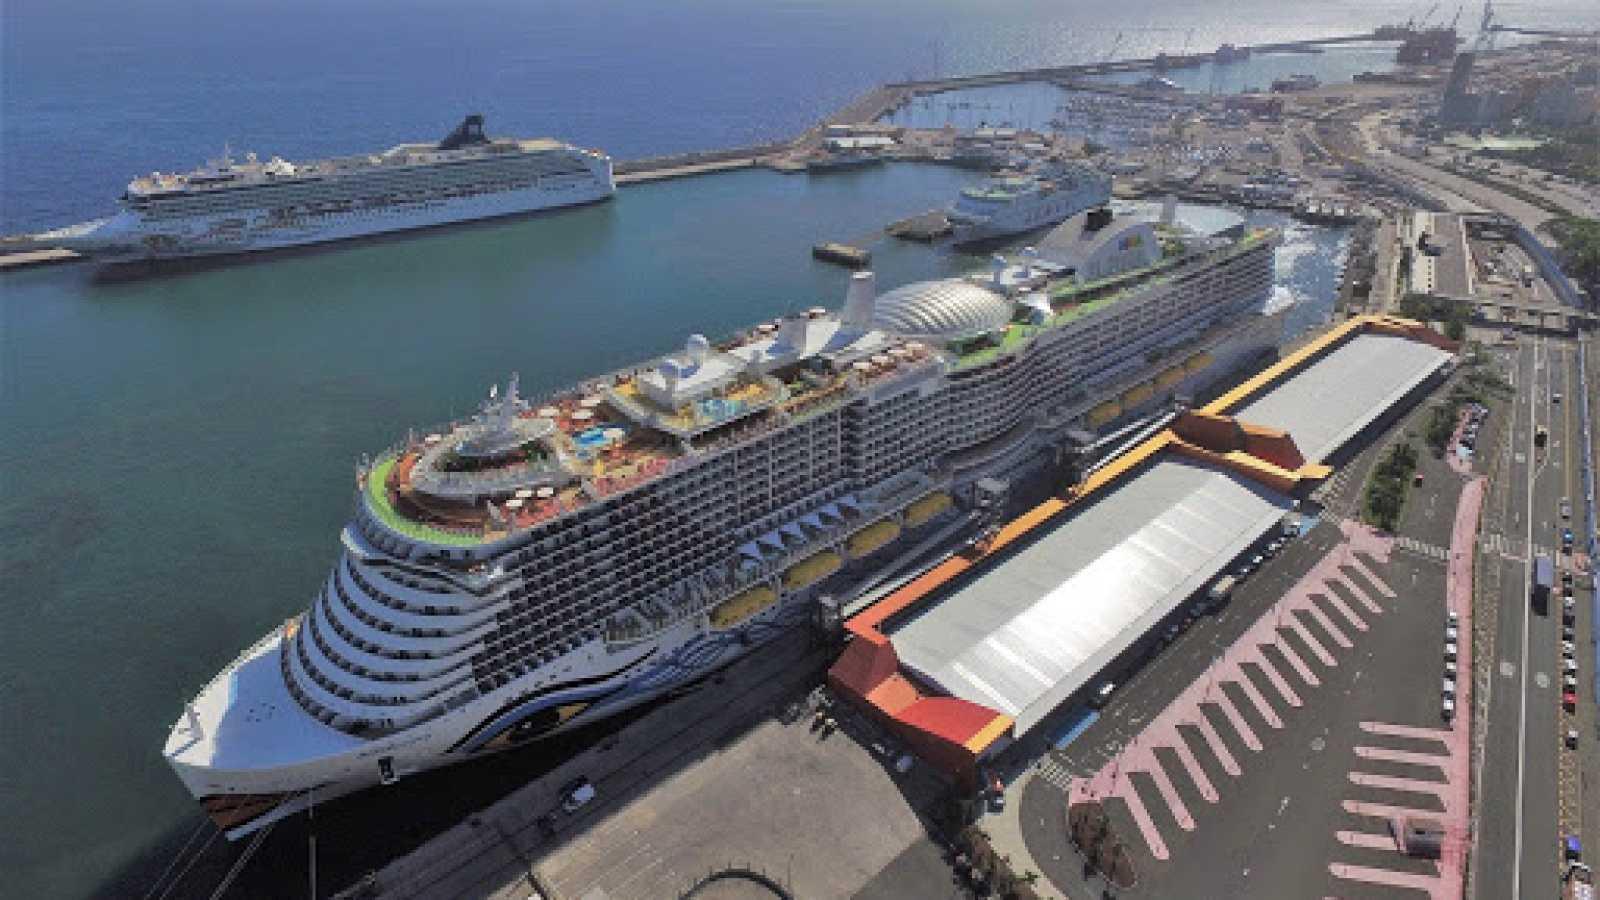 Españoles en la mar - El regreso de los cruceros a los Puertos de Canarias - 22/10/20 - escuchar ahora